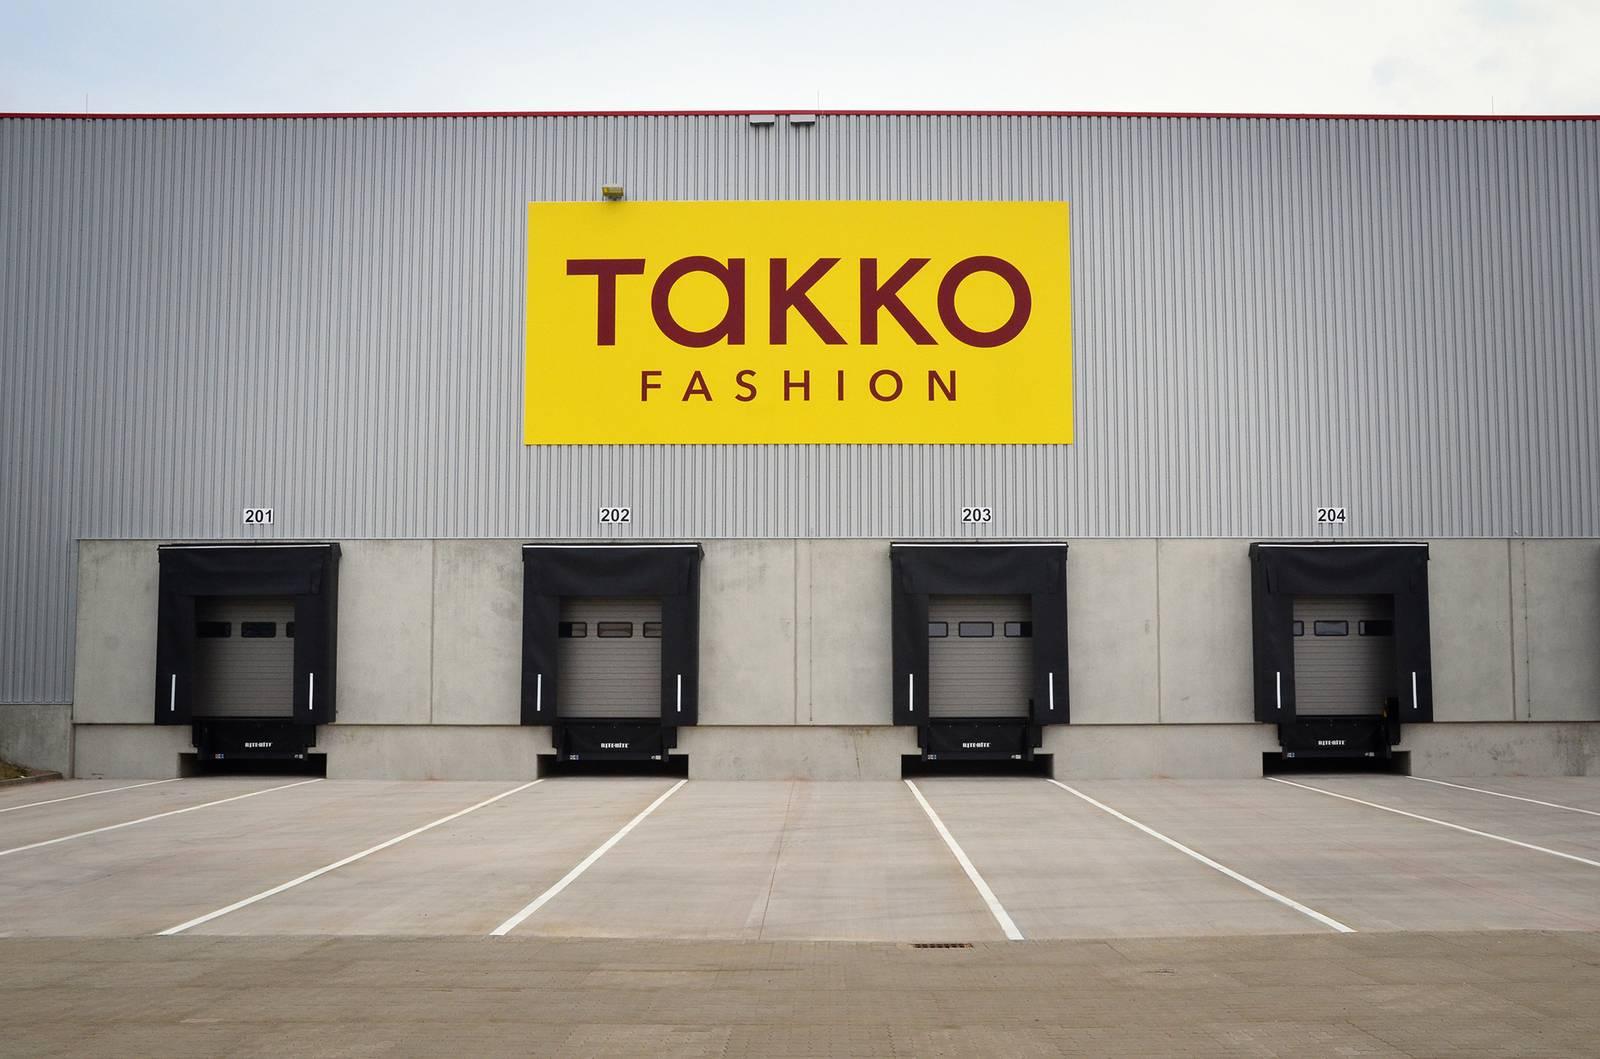 Takko Fashion Schweiz Ag 5 Stellenangebote Auf Jobs Ch